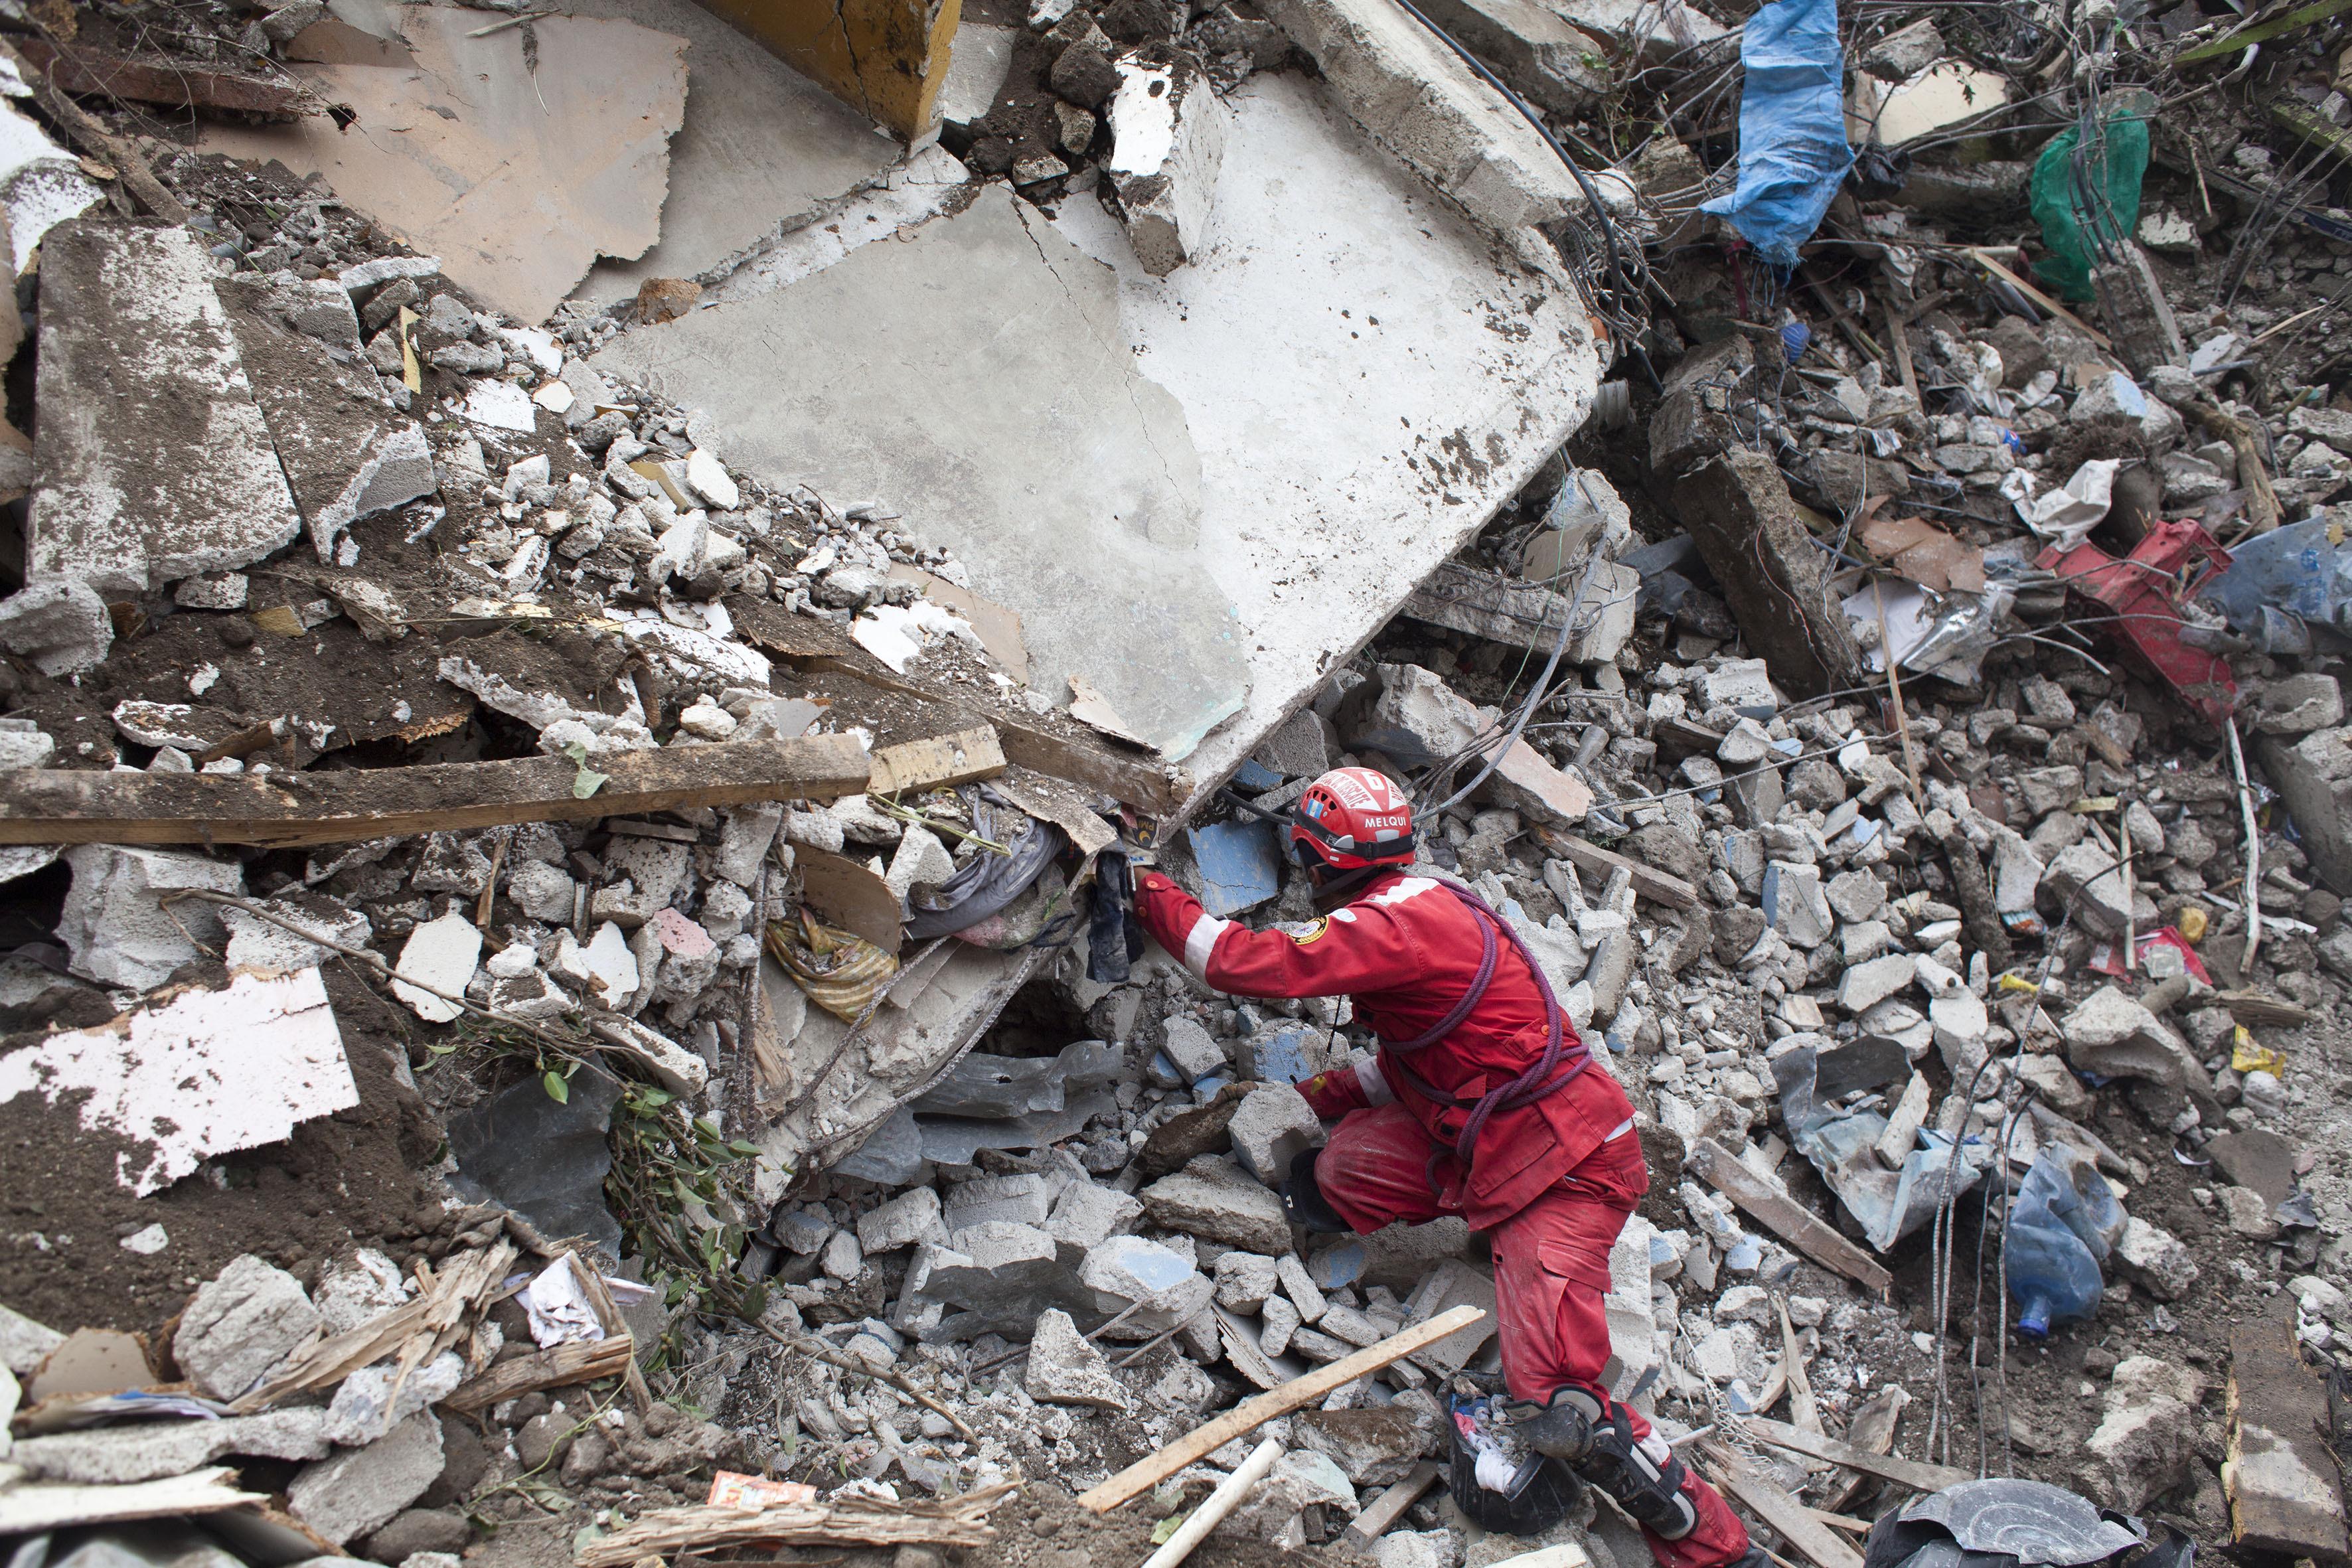 Suman 48 muertos por alud en Guatemala; reanudan búsqueda | El ...